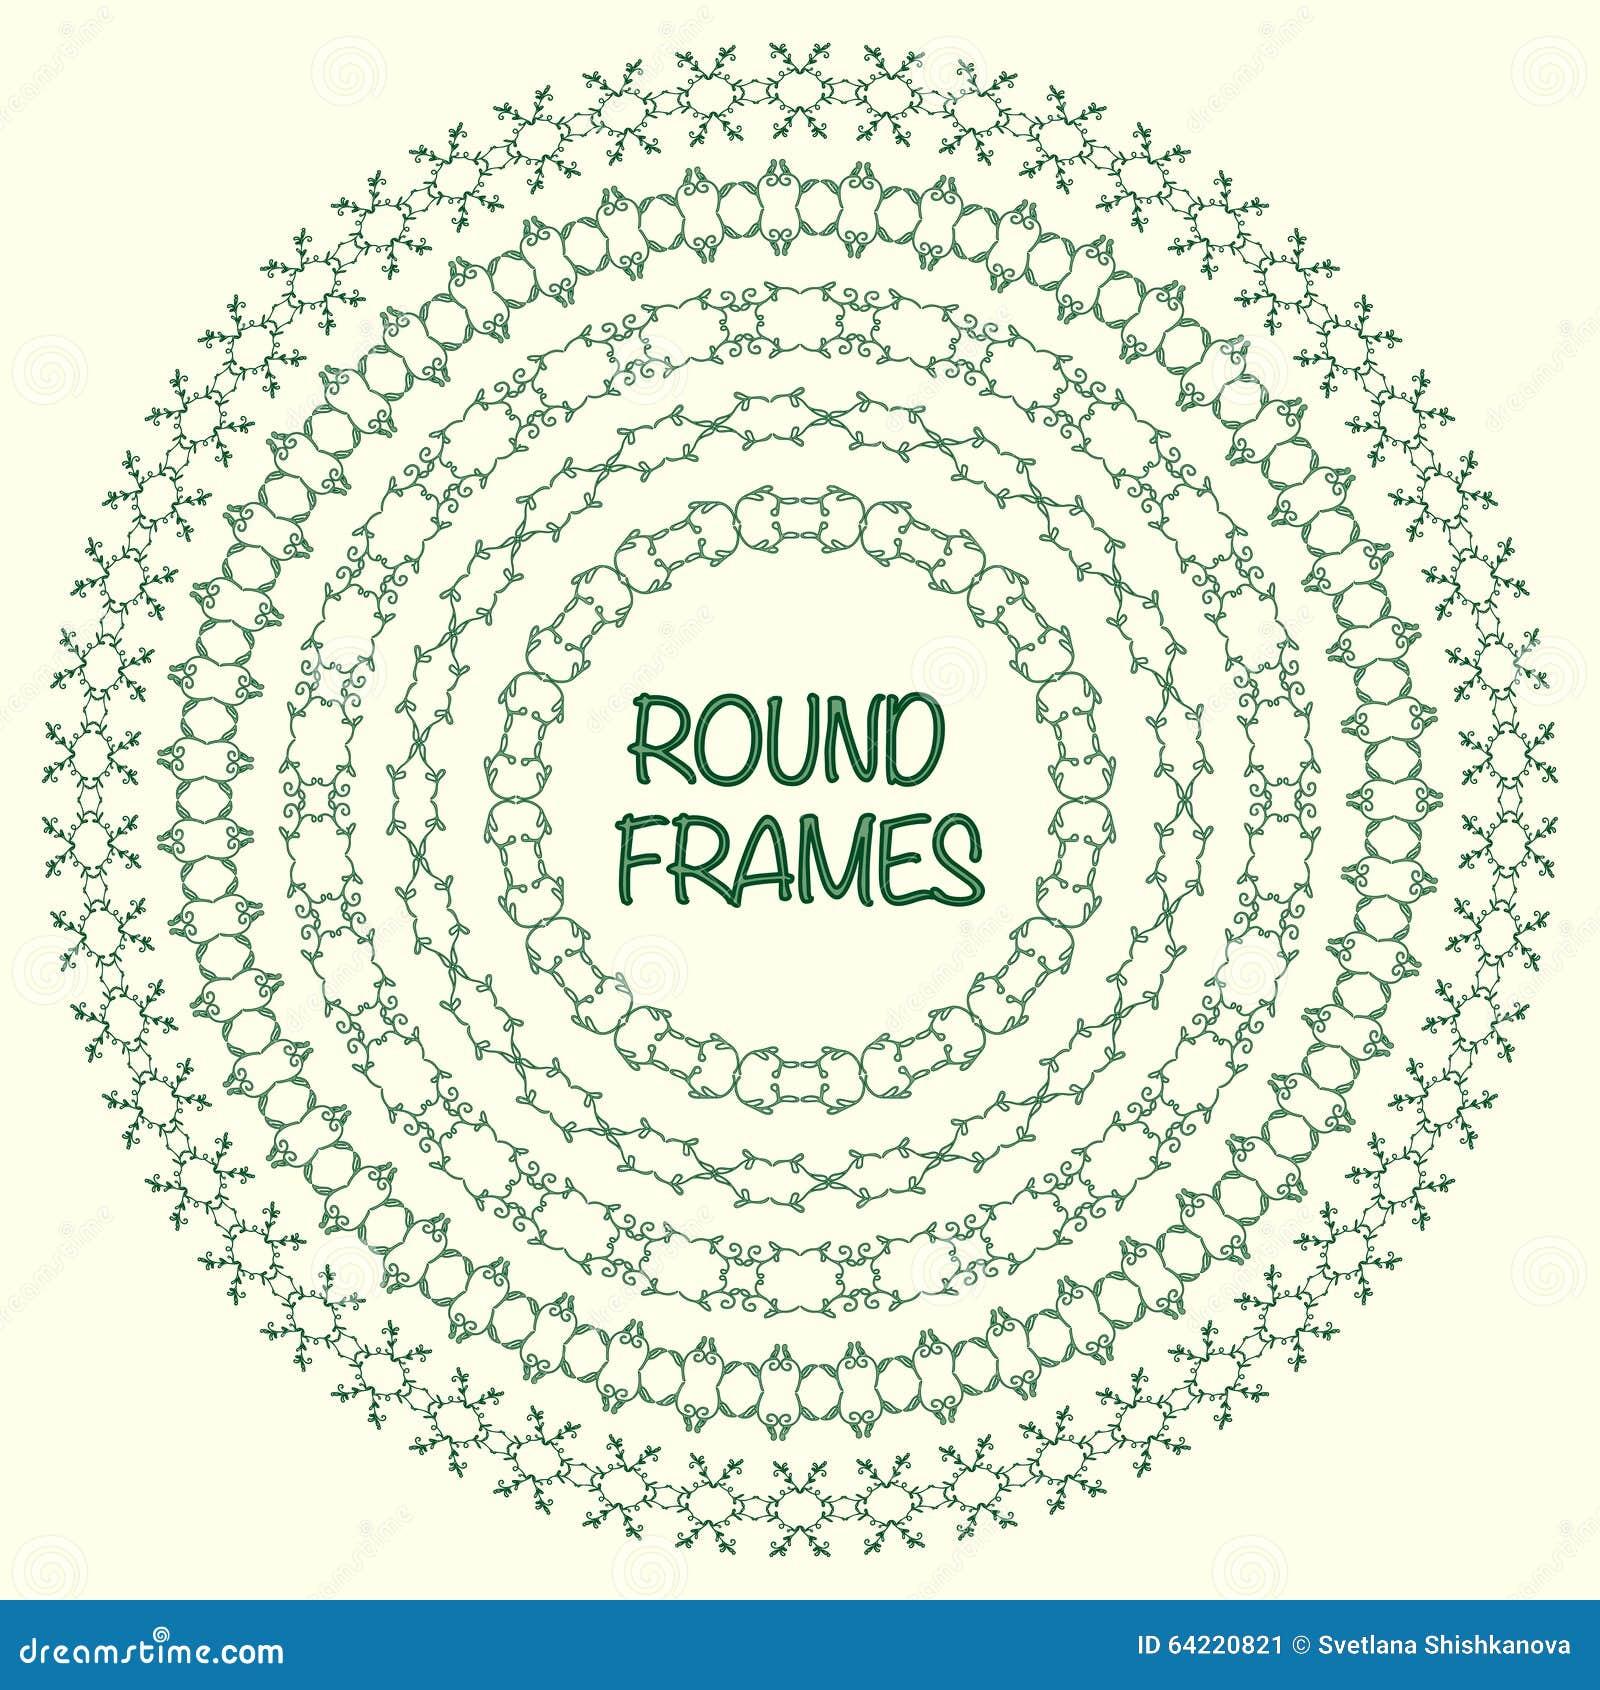 elegant frame templates borders design round frames set vintage decorative elements vector - Elegant Frames